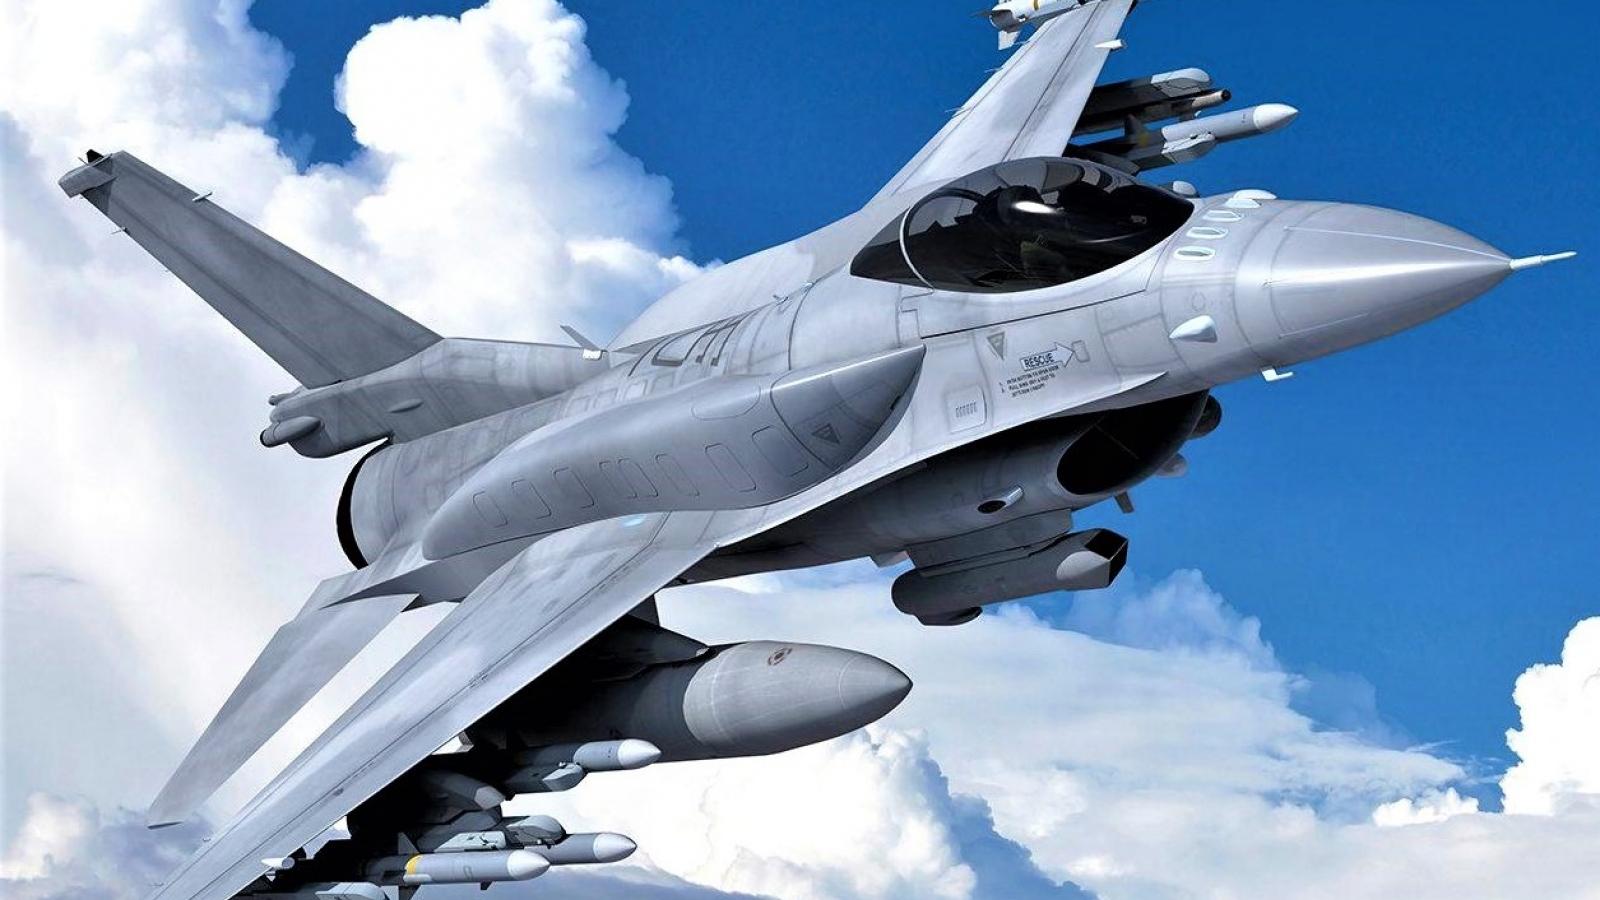 Không quân Mỹ muốn chế tạo máy bay chiến đấu thế hệ 4,5 để thay thế F-16